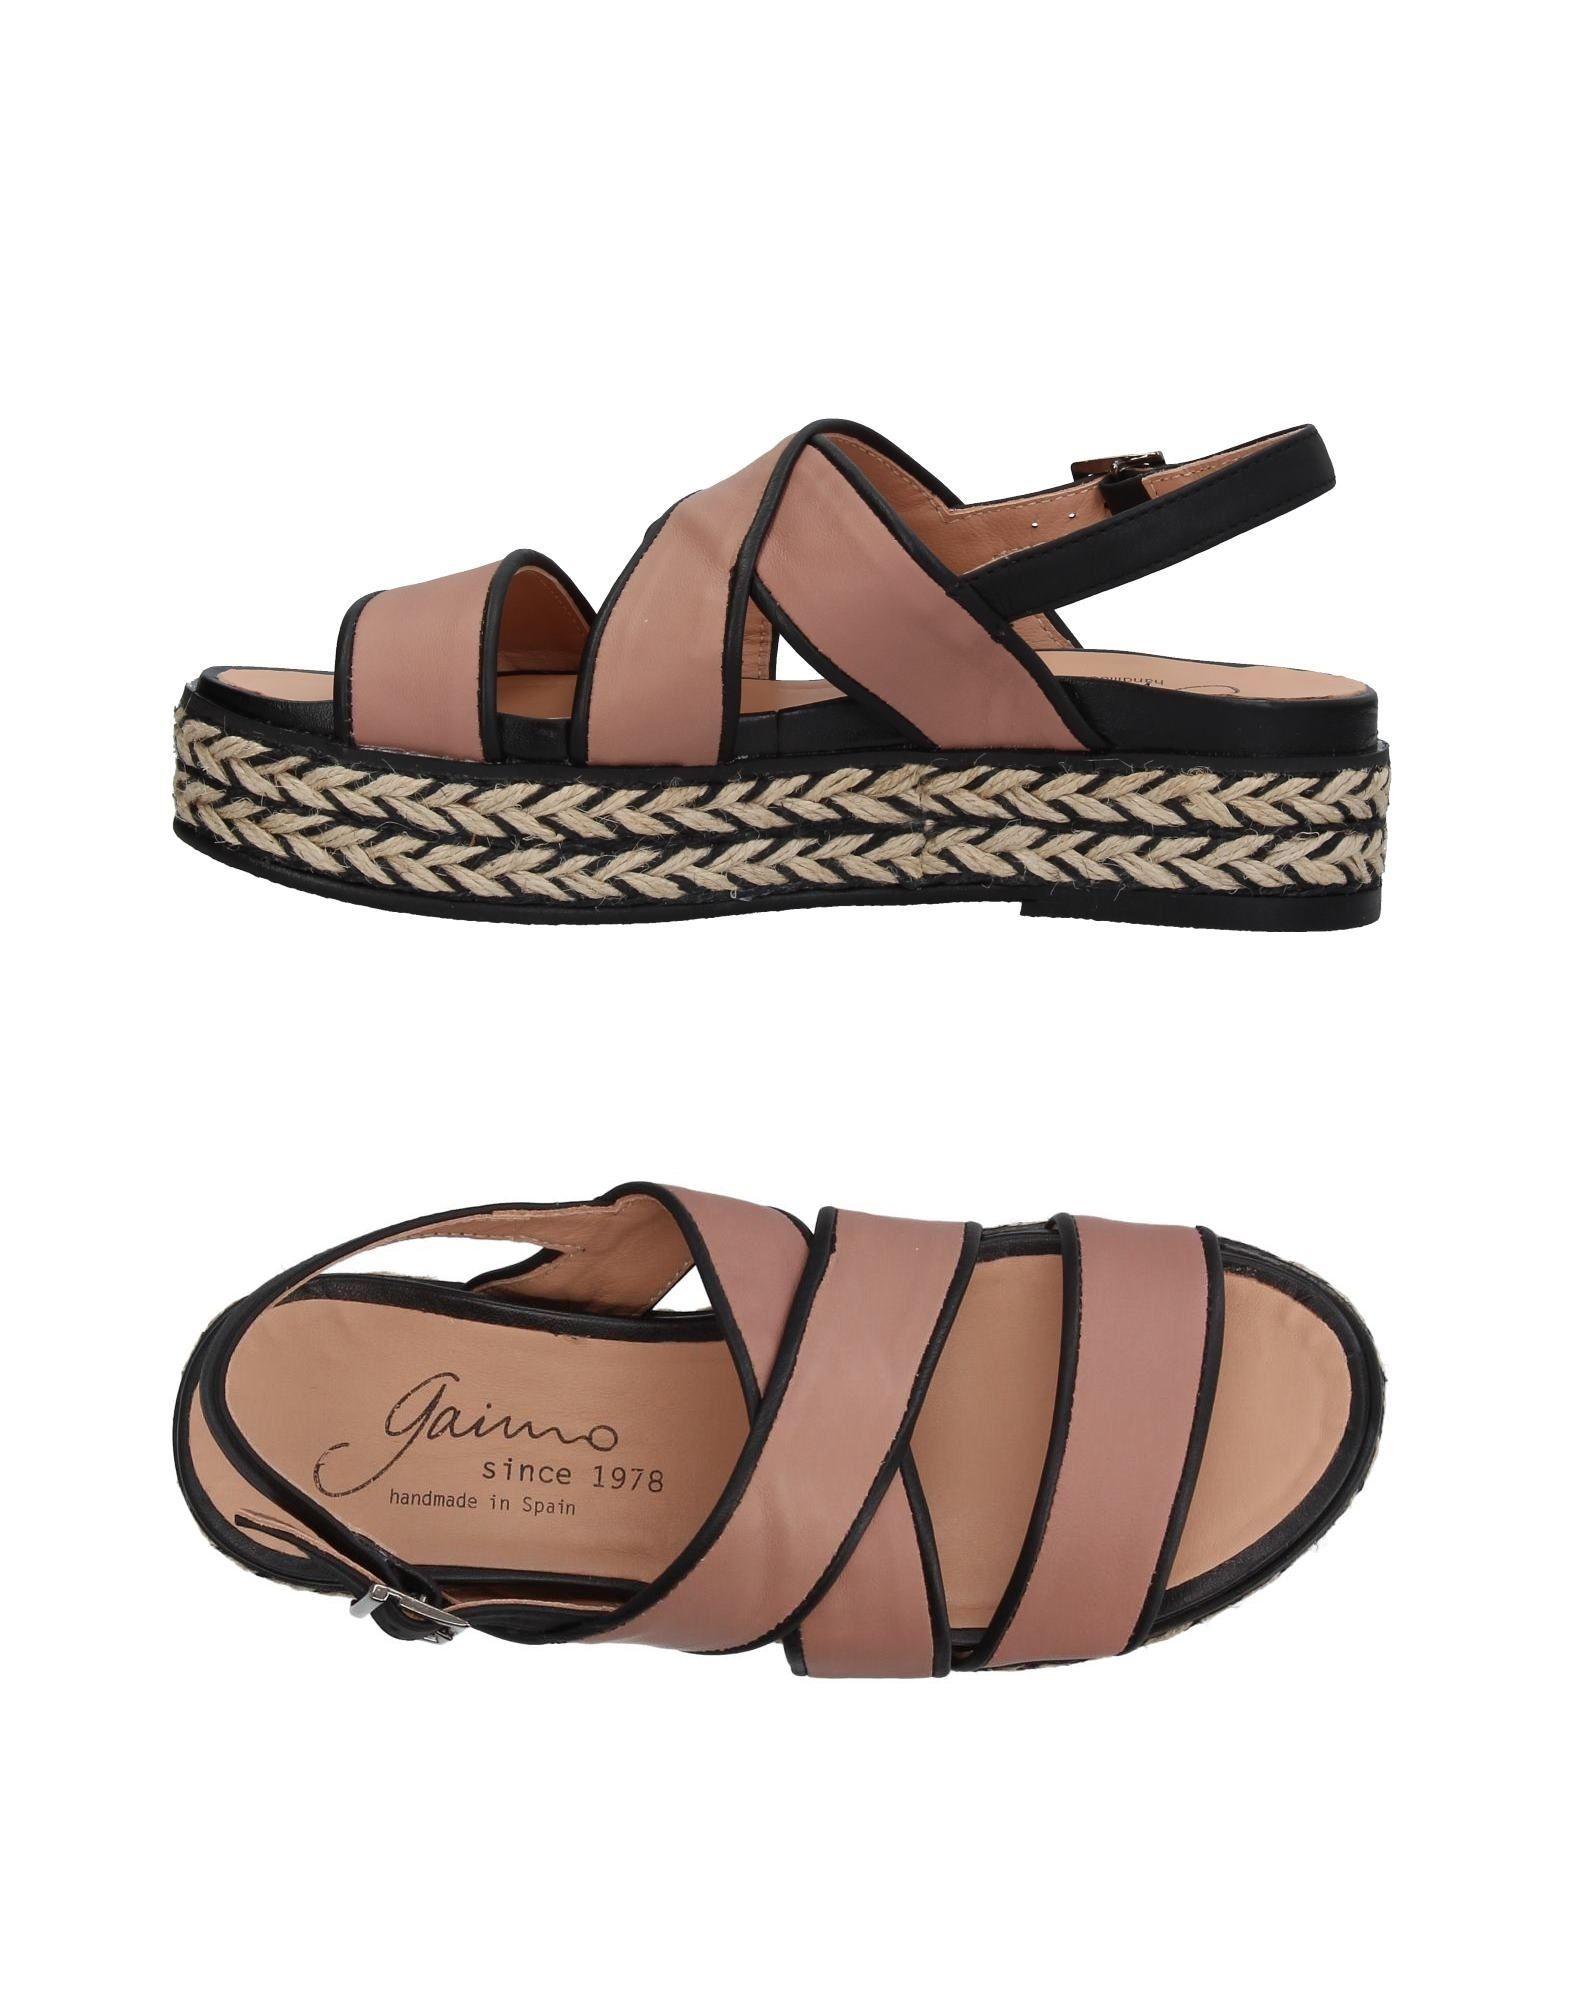 Gaimo Sandalen Damen  11380881DQ Gute Qualität beliebte Schuhe